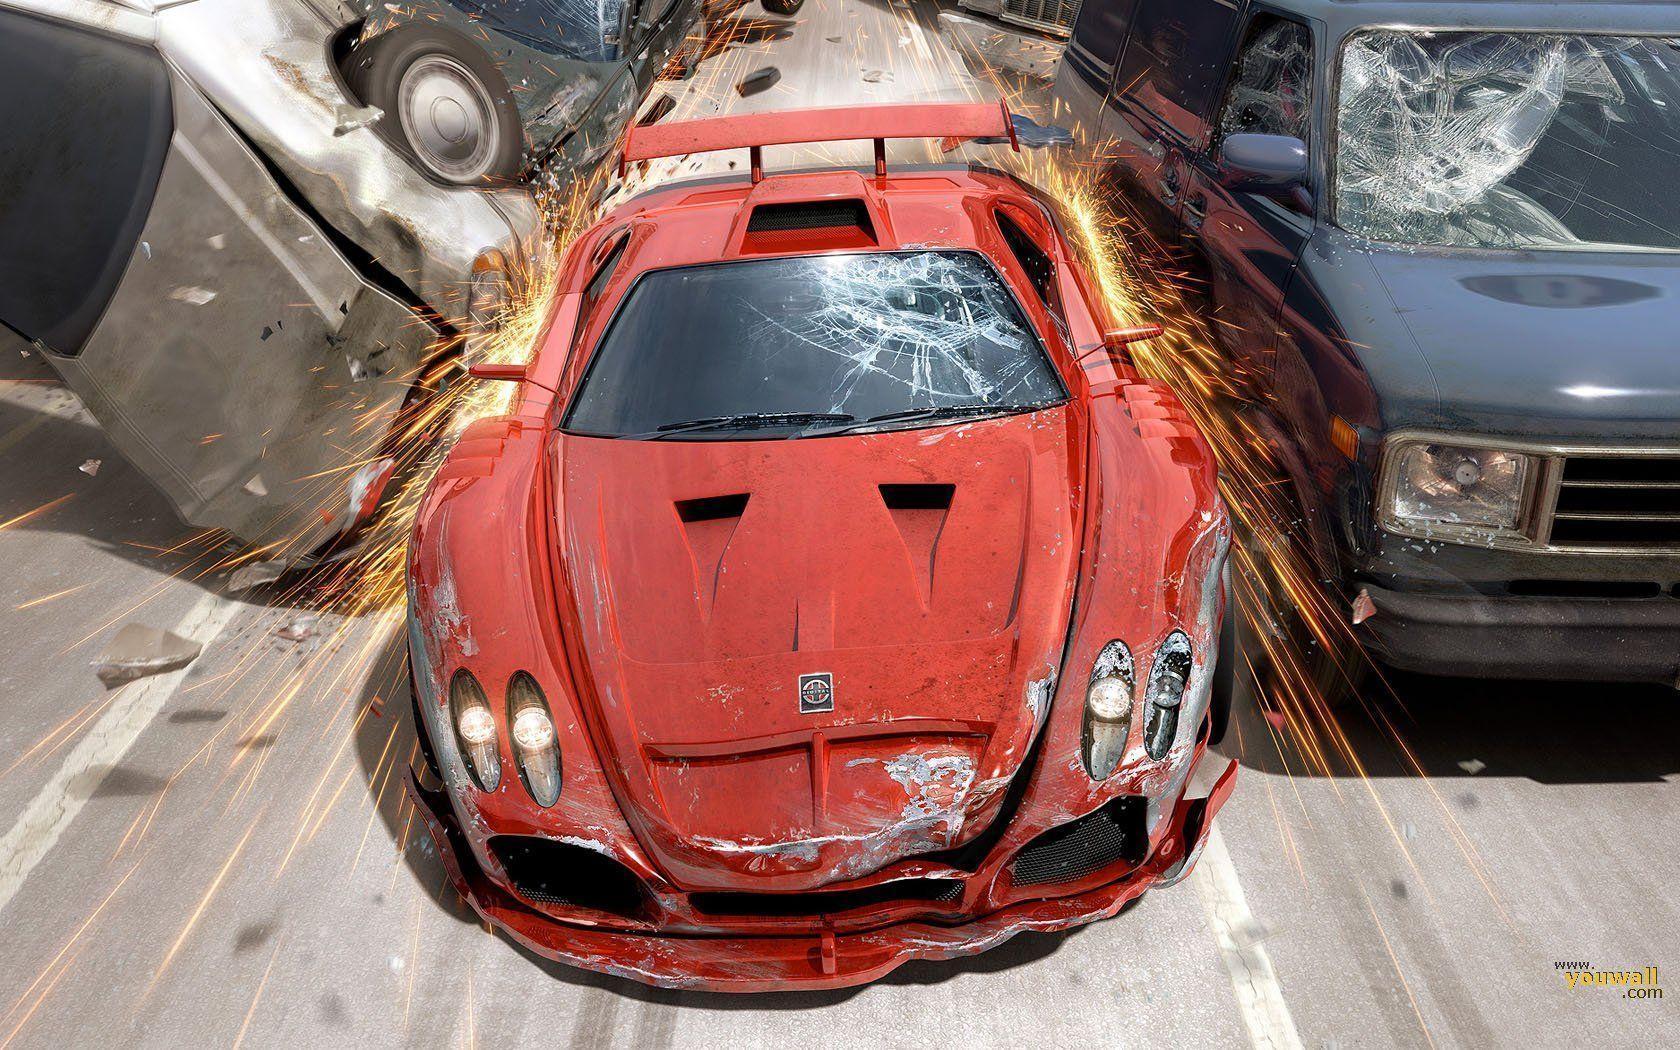 Crash car 3d wallpaper 11